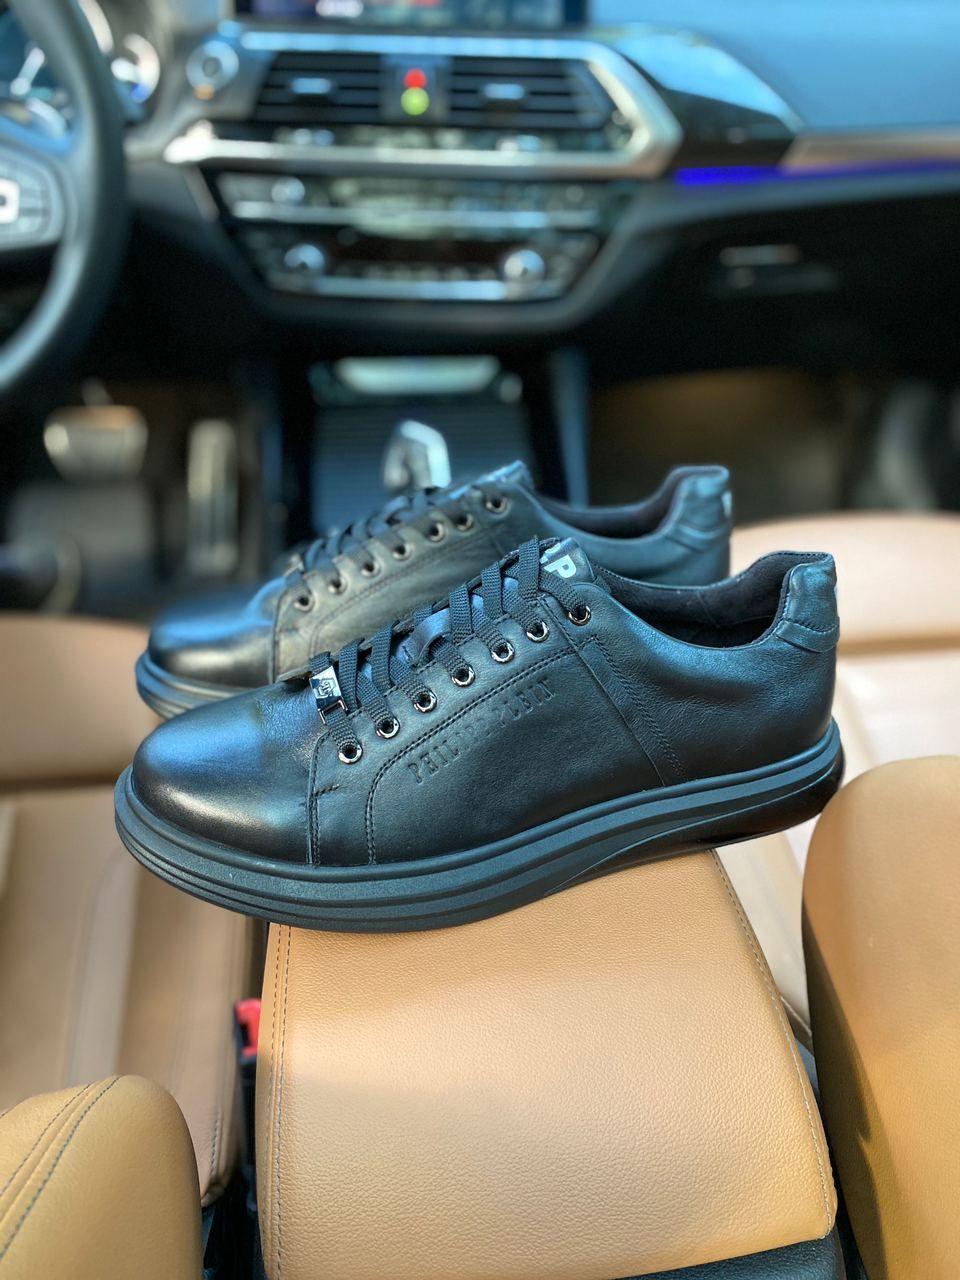 Мужские кеды туфли Philipp Plein черные кожаные 40 размер